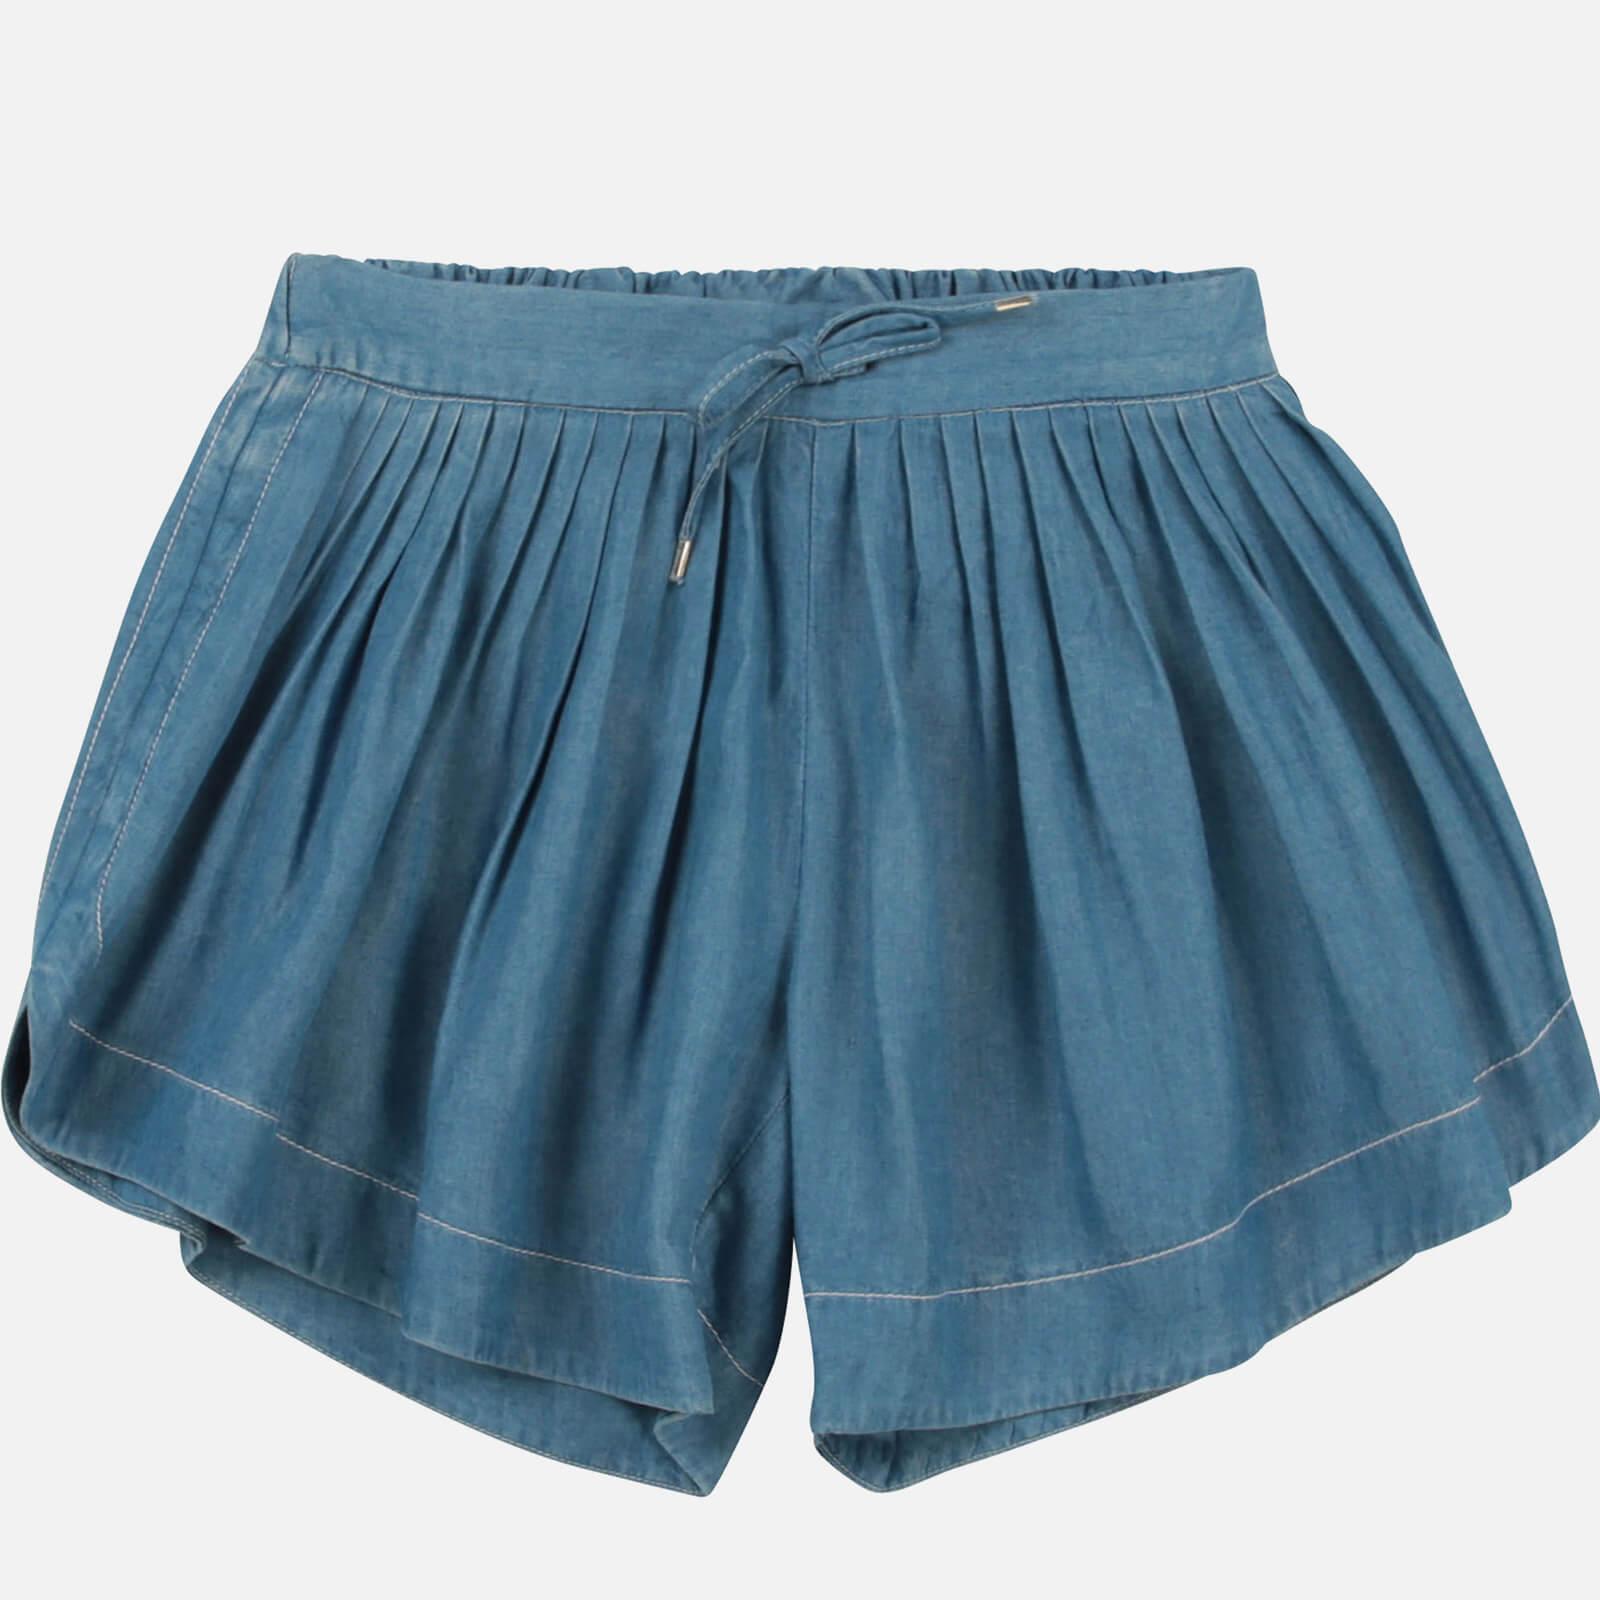 Chloe Girls' Shorts - Denim Blue - 4 Years